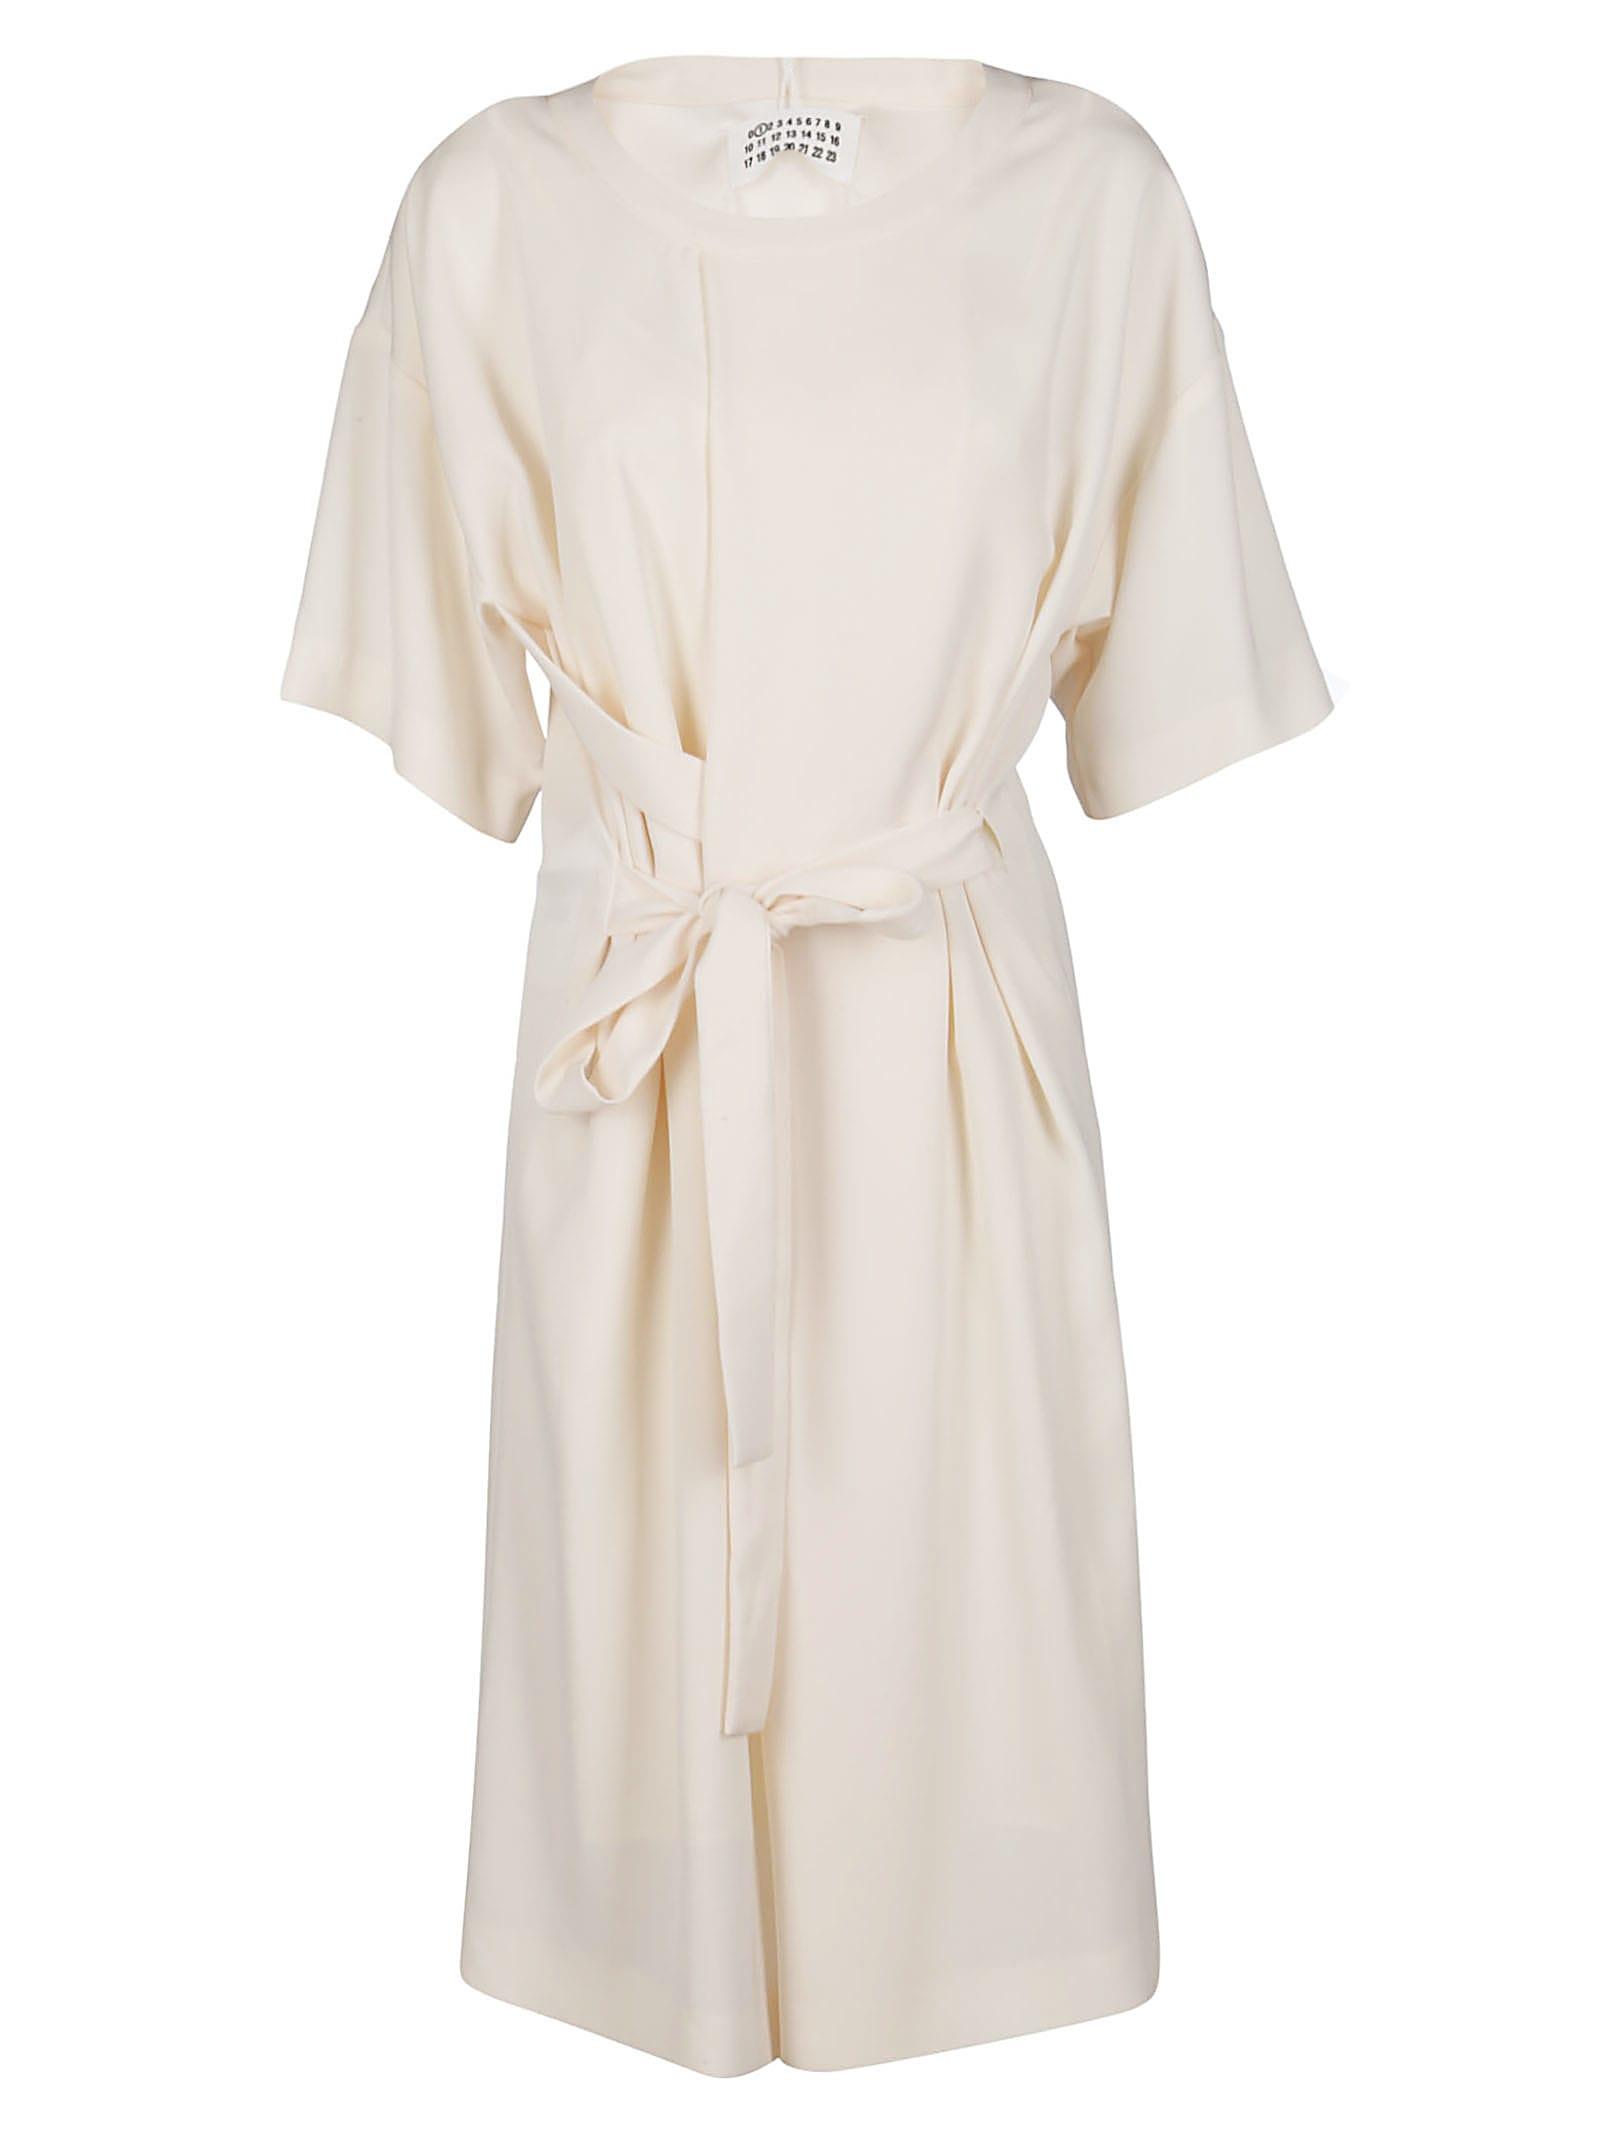 Buy Maison Margiela White Oversized Dress online, shop Maison Margiela with free shipping